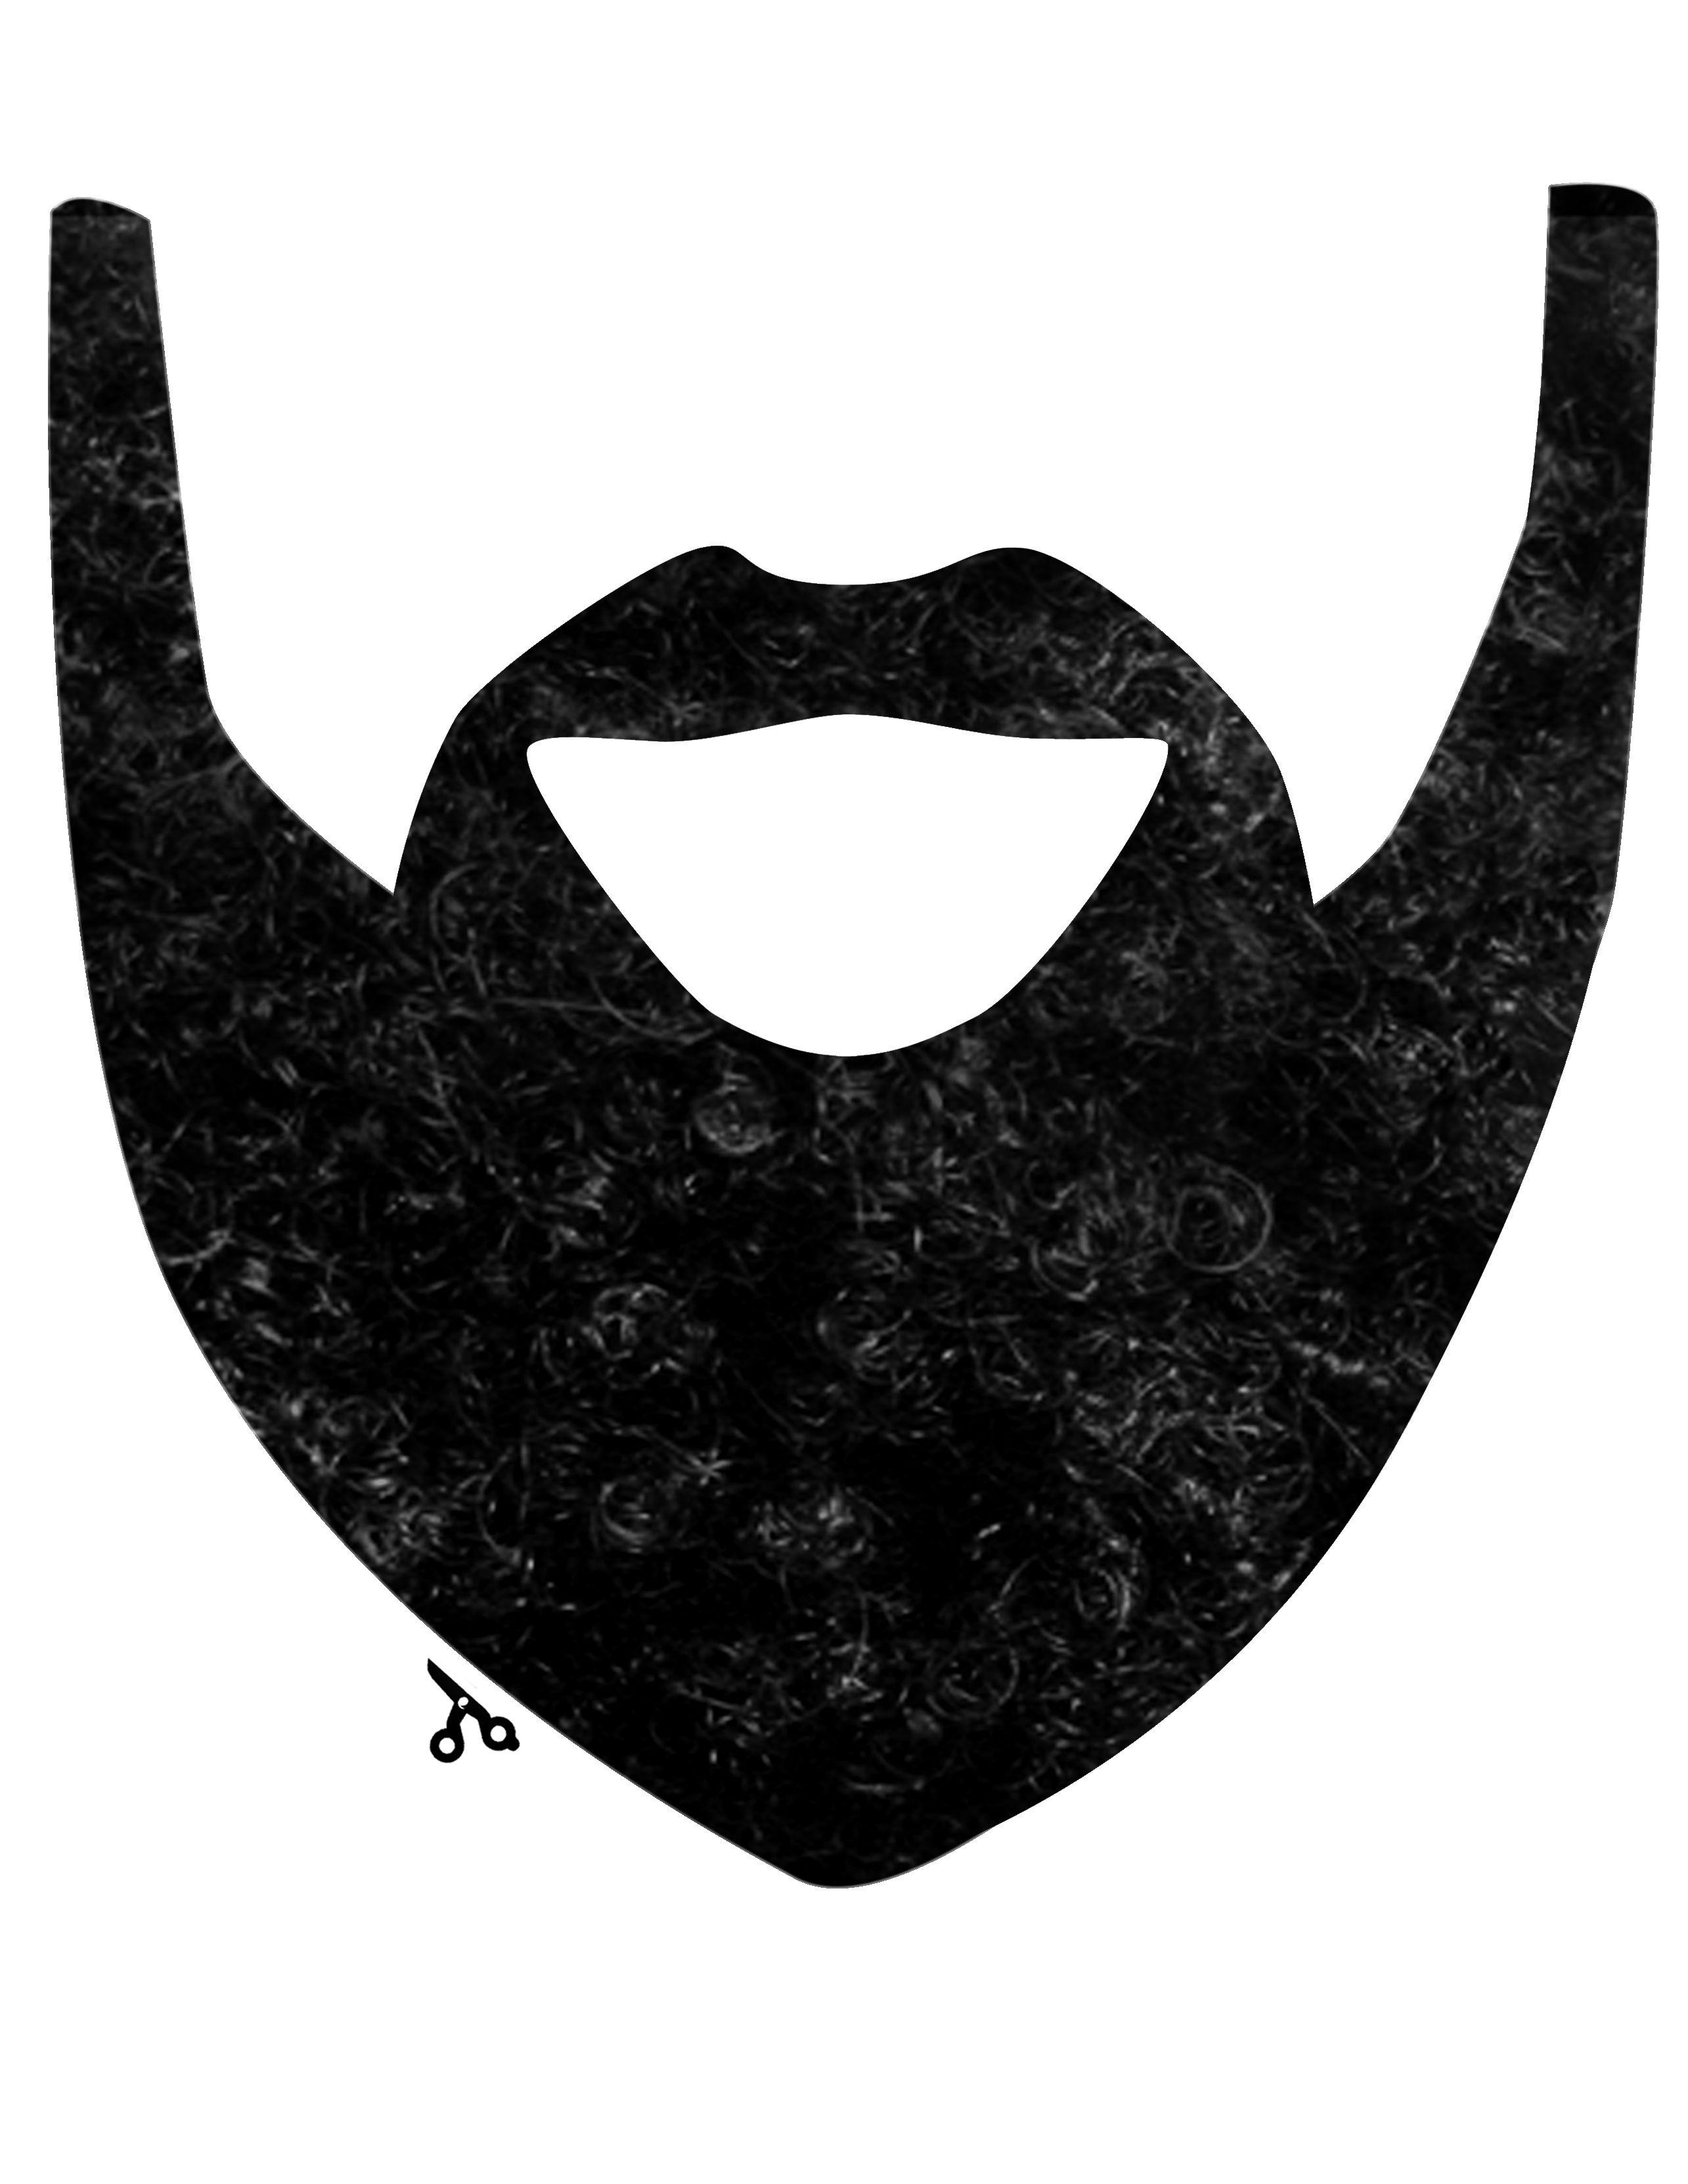 Beard clipart duck dynasty beard. Cut out pattern calleigh